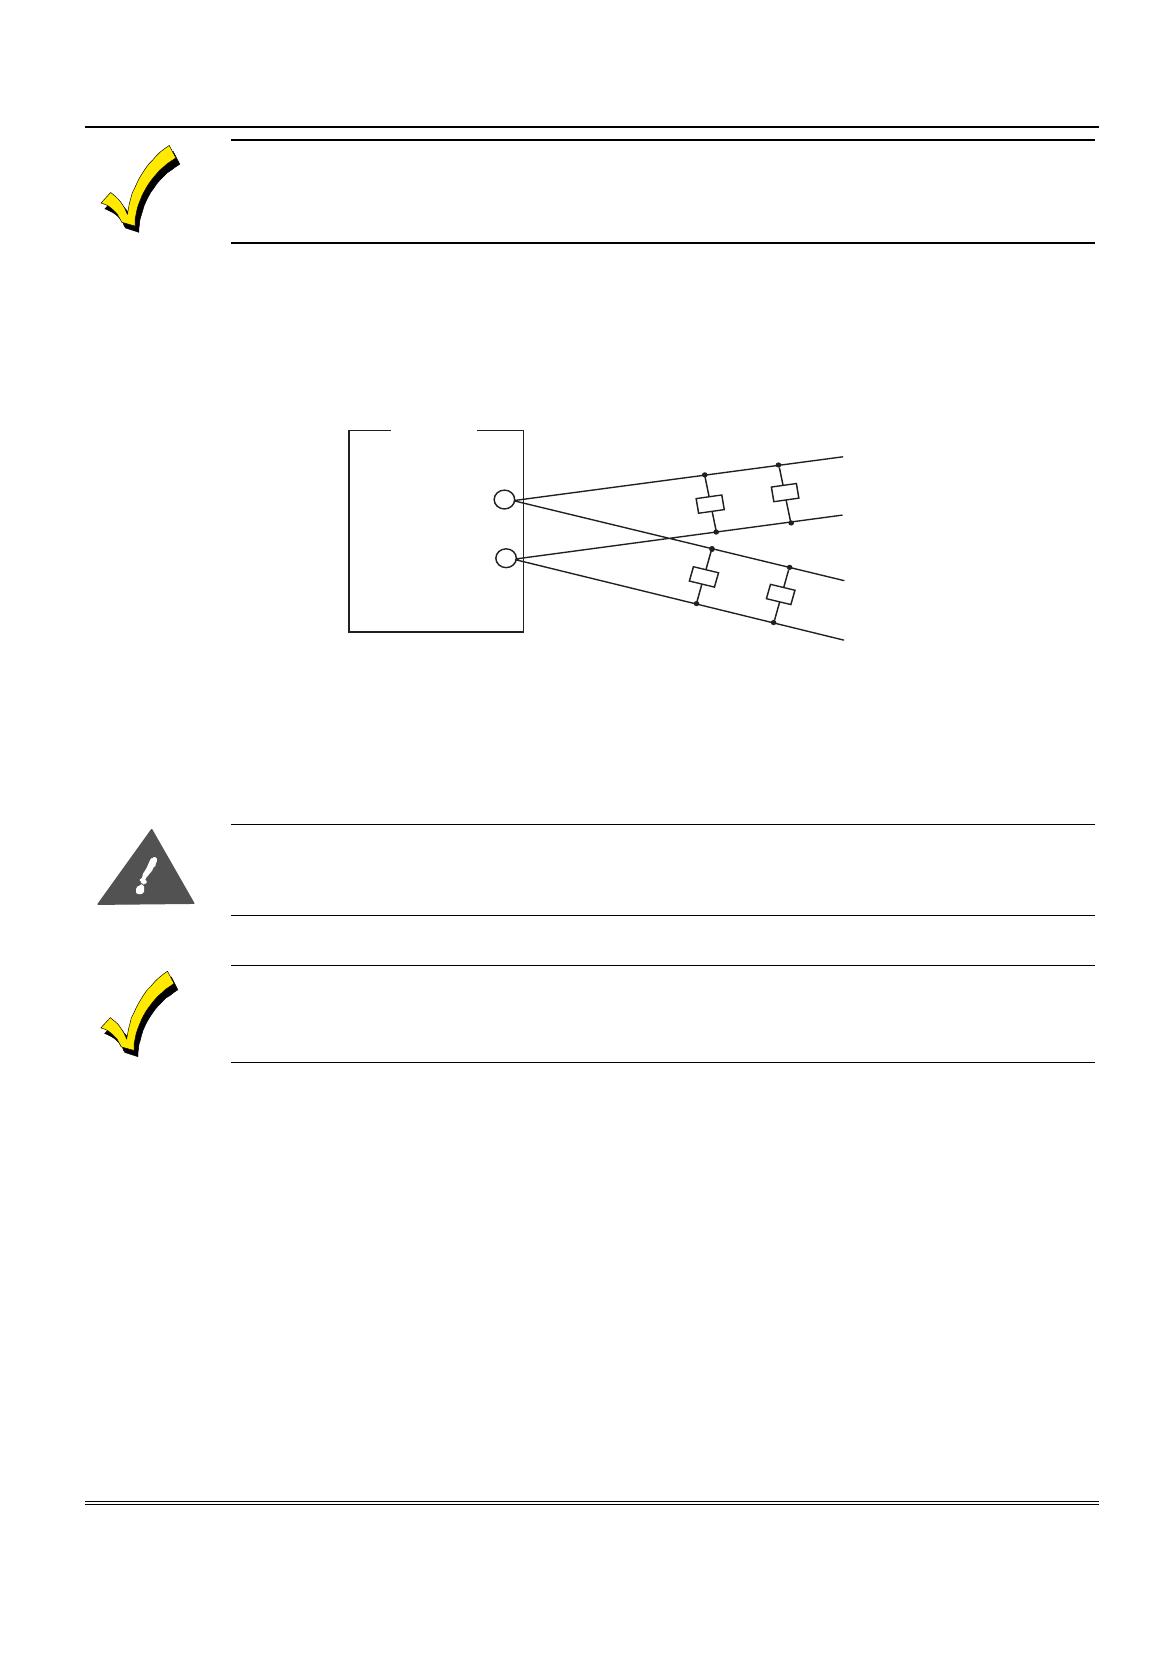 Gentex Mirror Wiring Diagram 352 Fuse Box 10 Pin On V128fbii Vista 128fb V1 Installation Manual